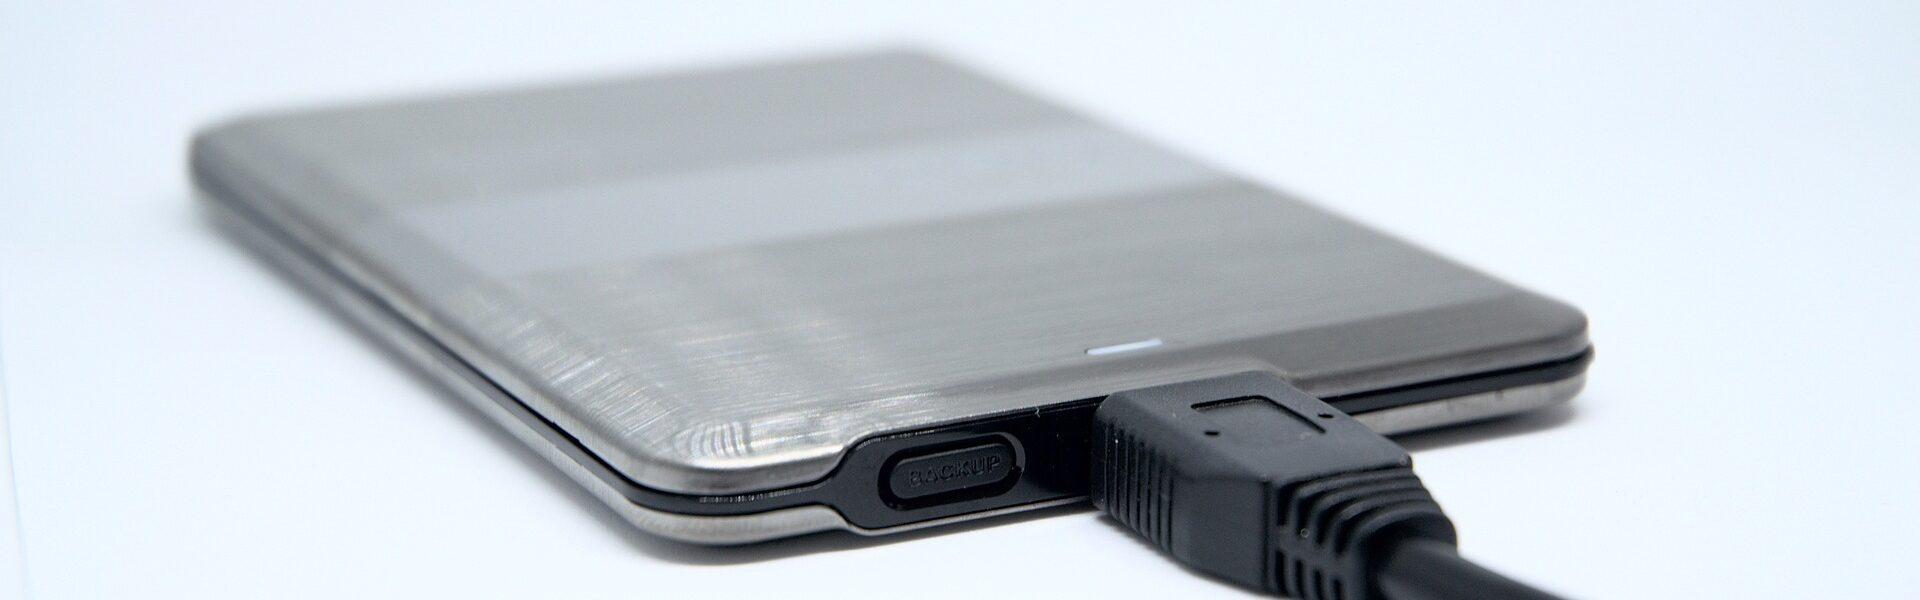 Dysk zewnętrzny SSD czy HDD